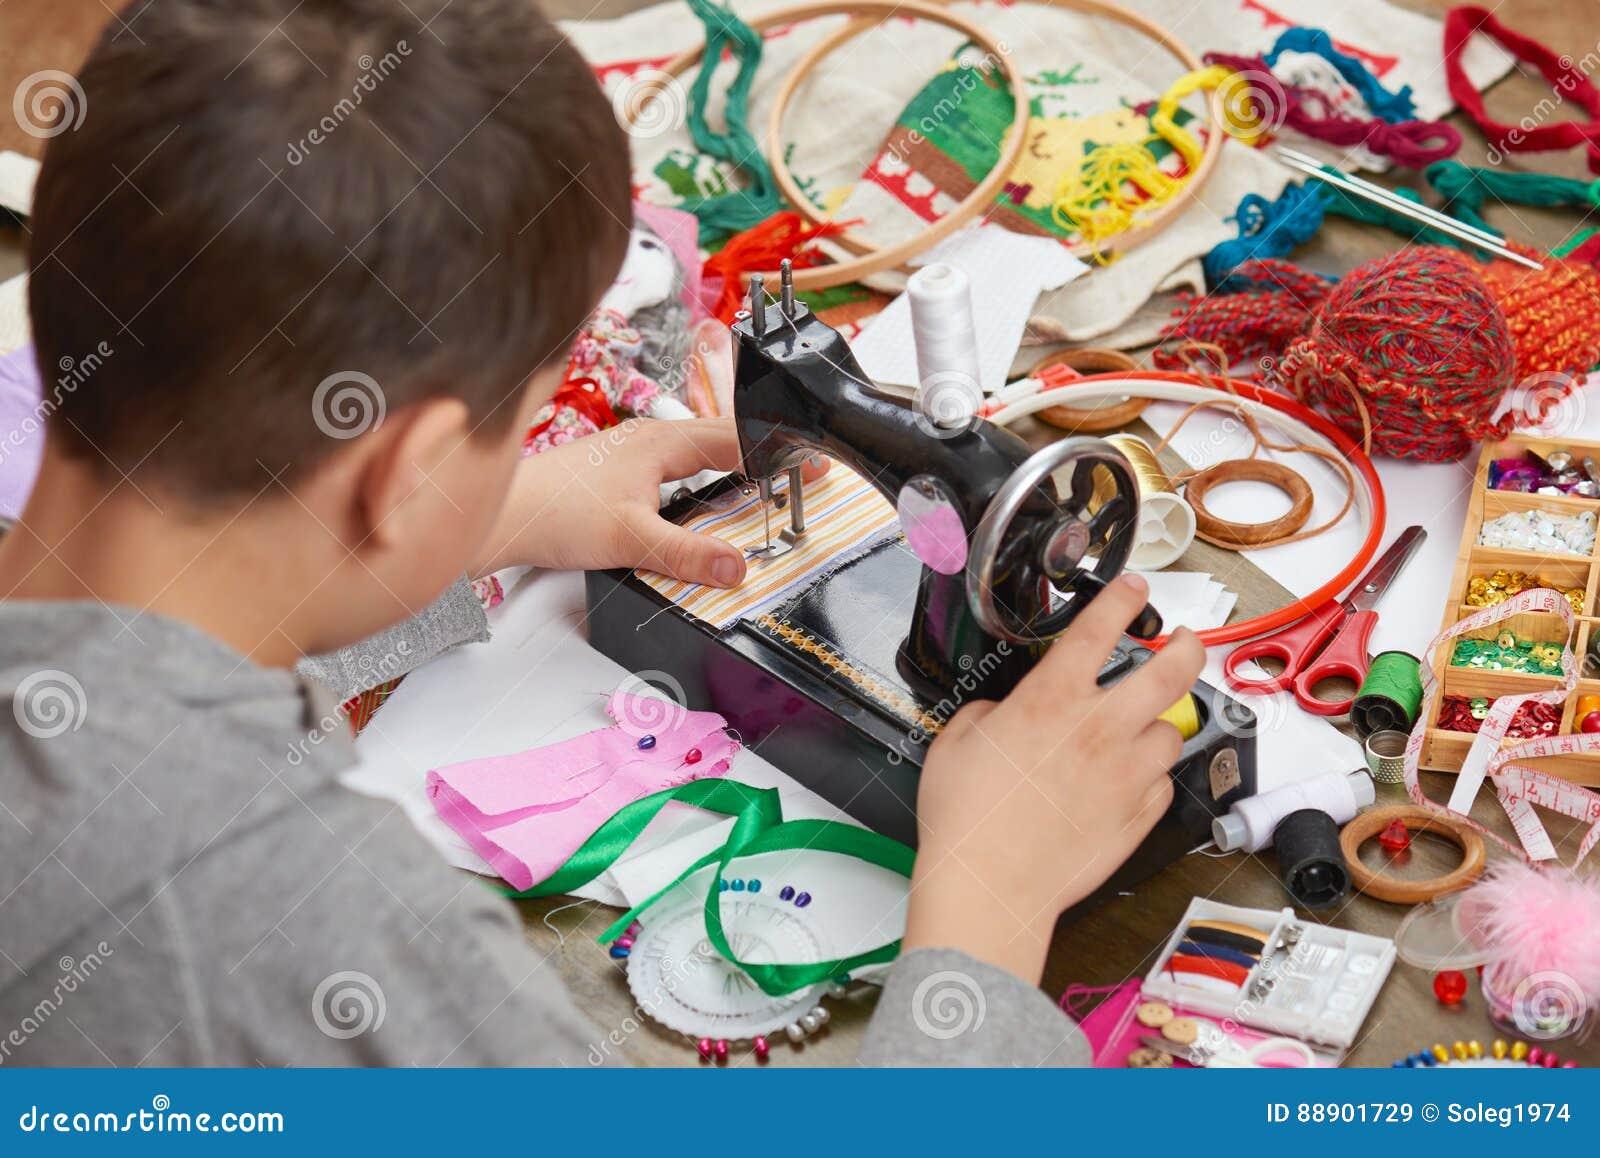 Il sarto del ragazzo impara concetto fatto a mano e di artigianato cucire, di formazione sul lavoro,